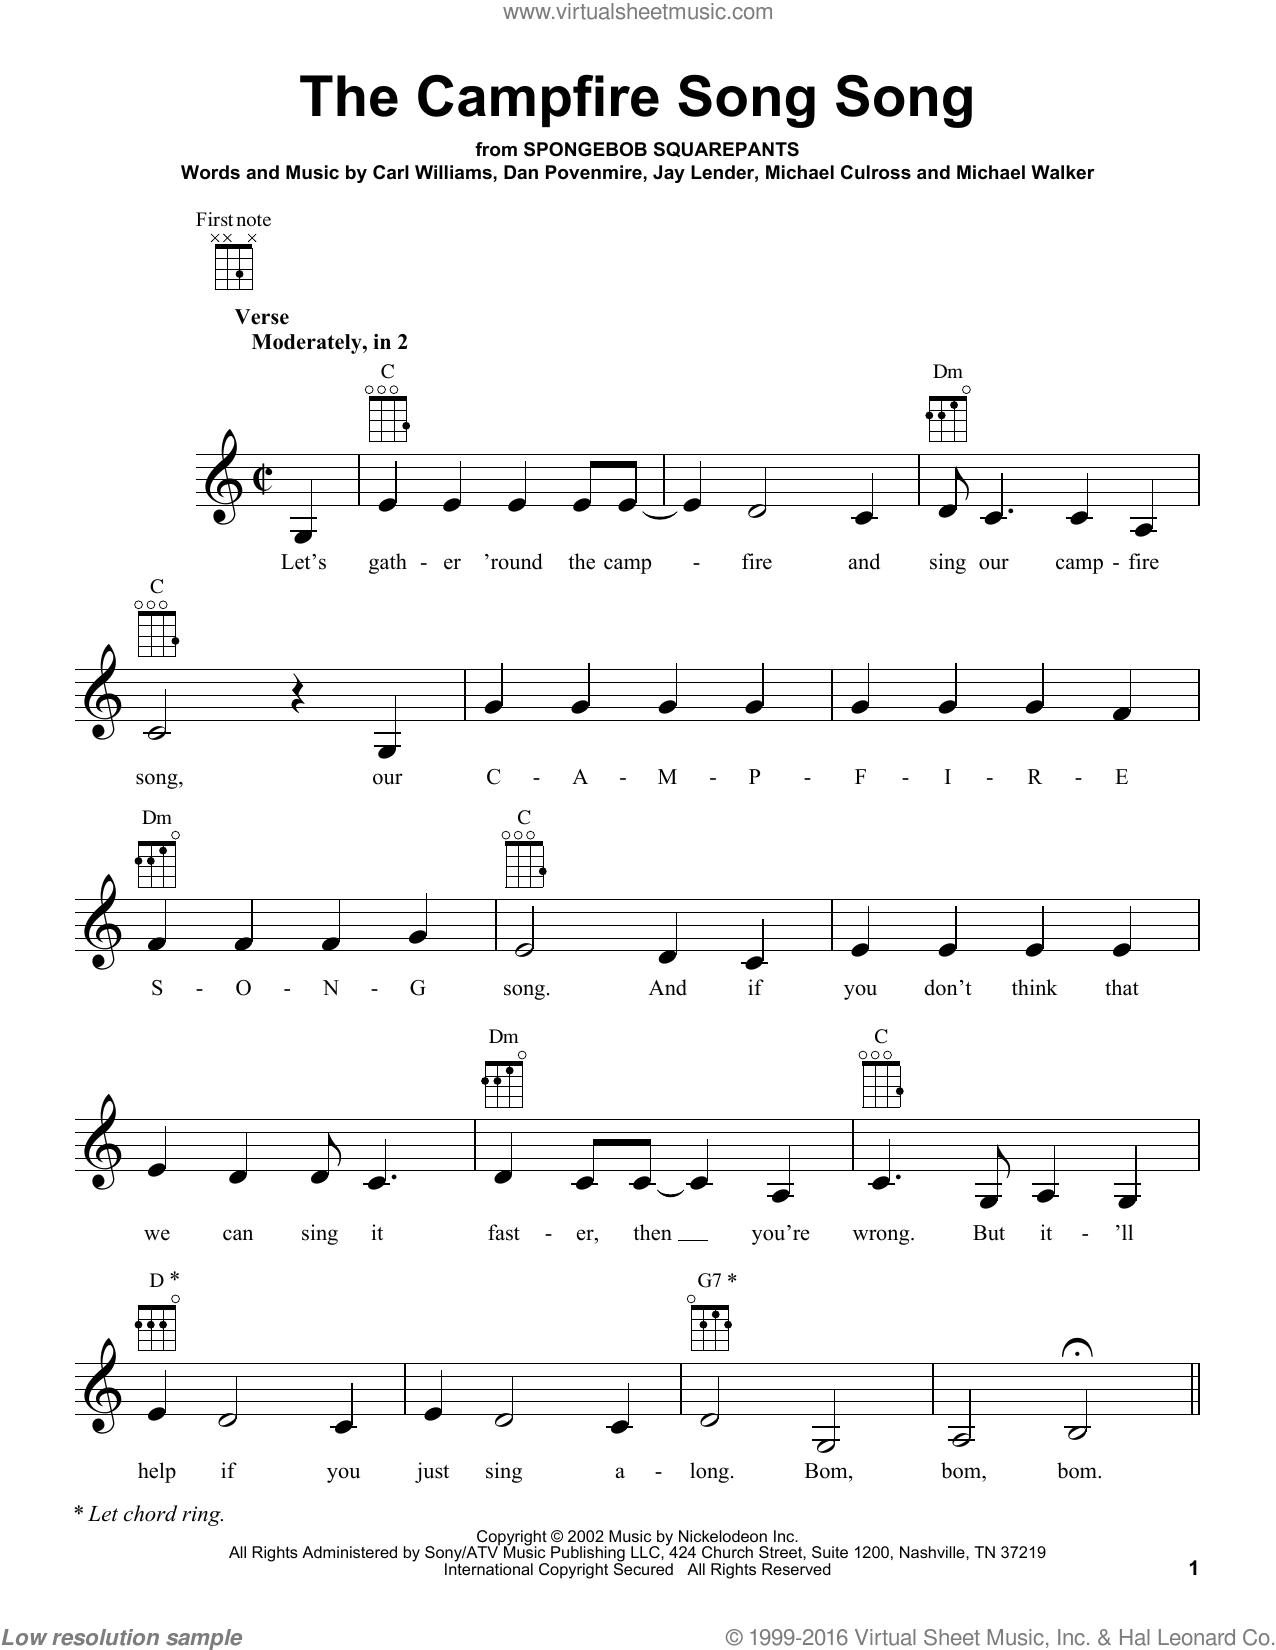 Campfire Song Lyrics Spongebob